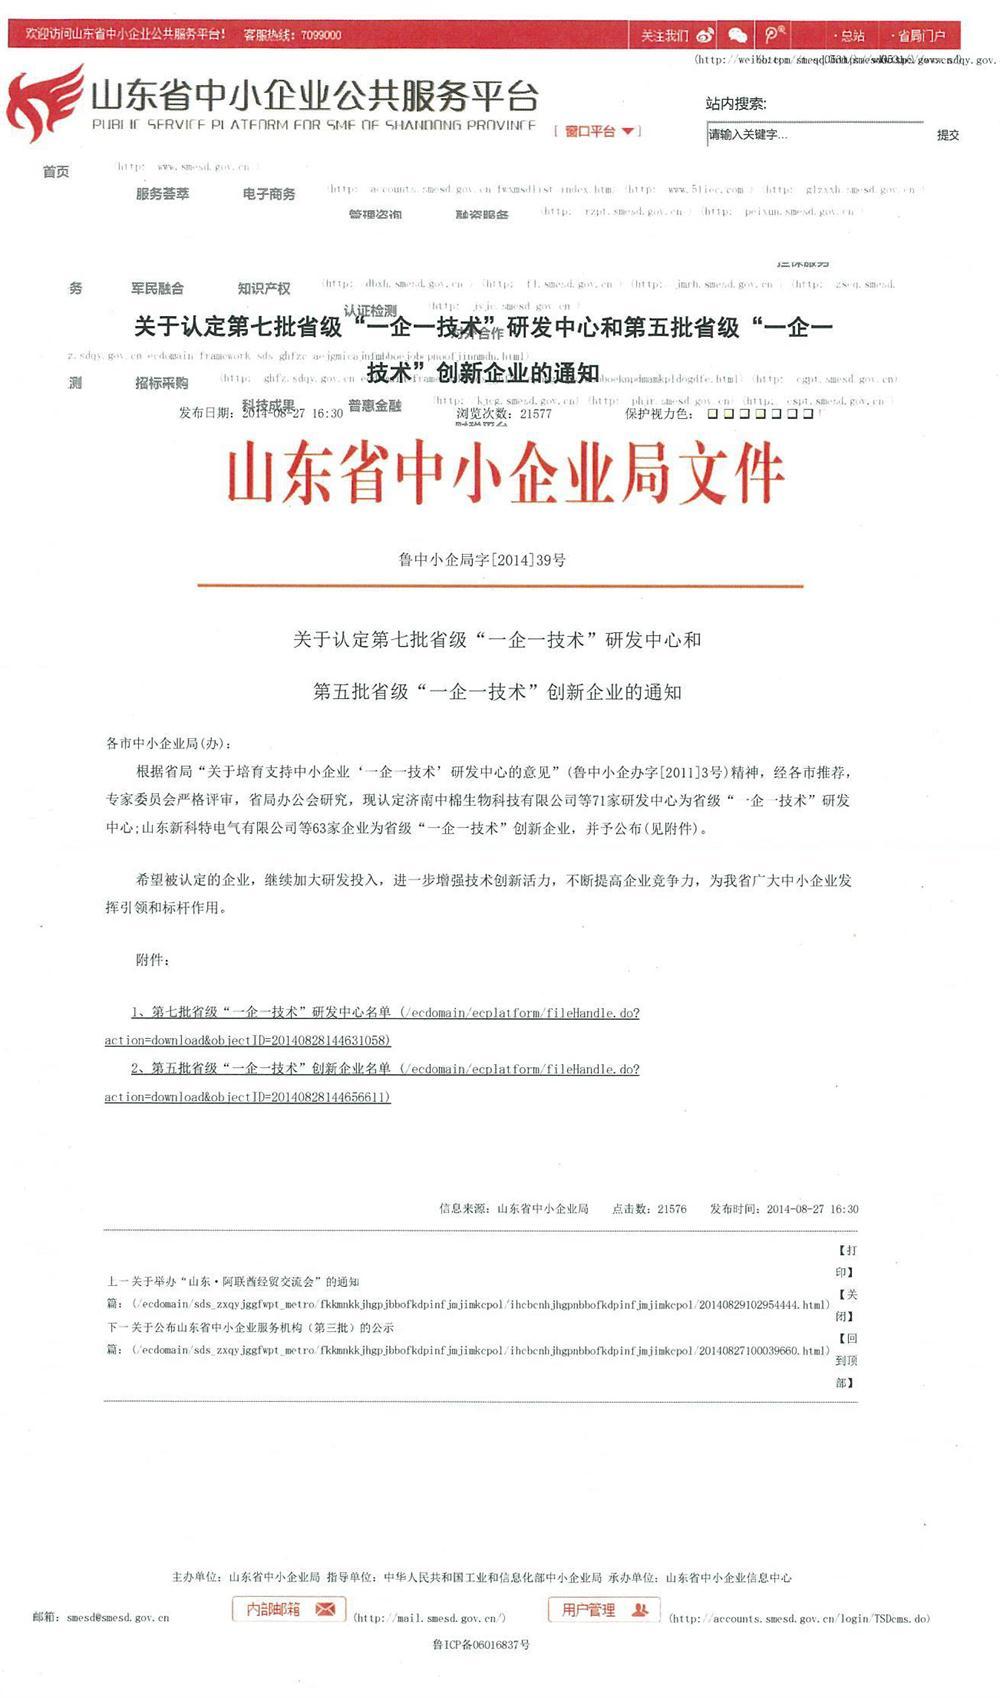 """与时俱进,开拓创新鲁鑫防水荣获第五批省级""""一企一"""